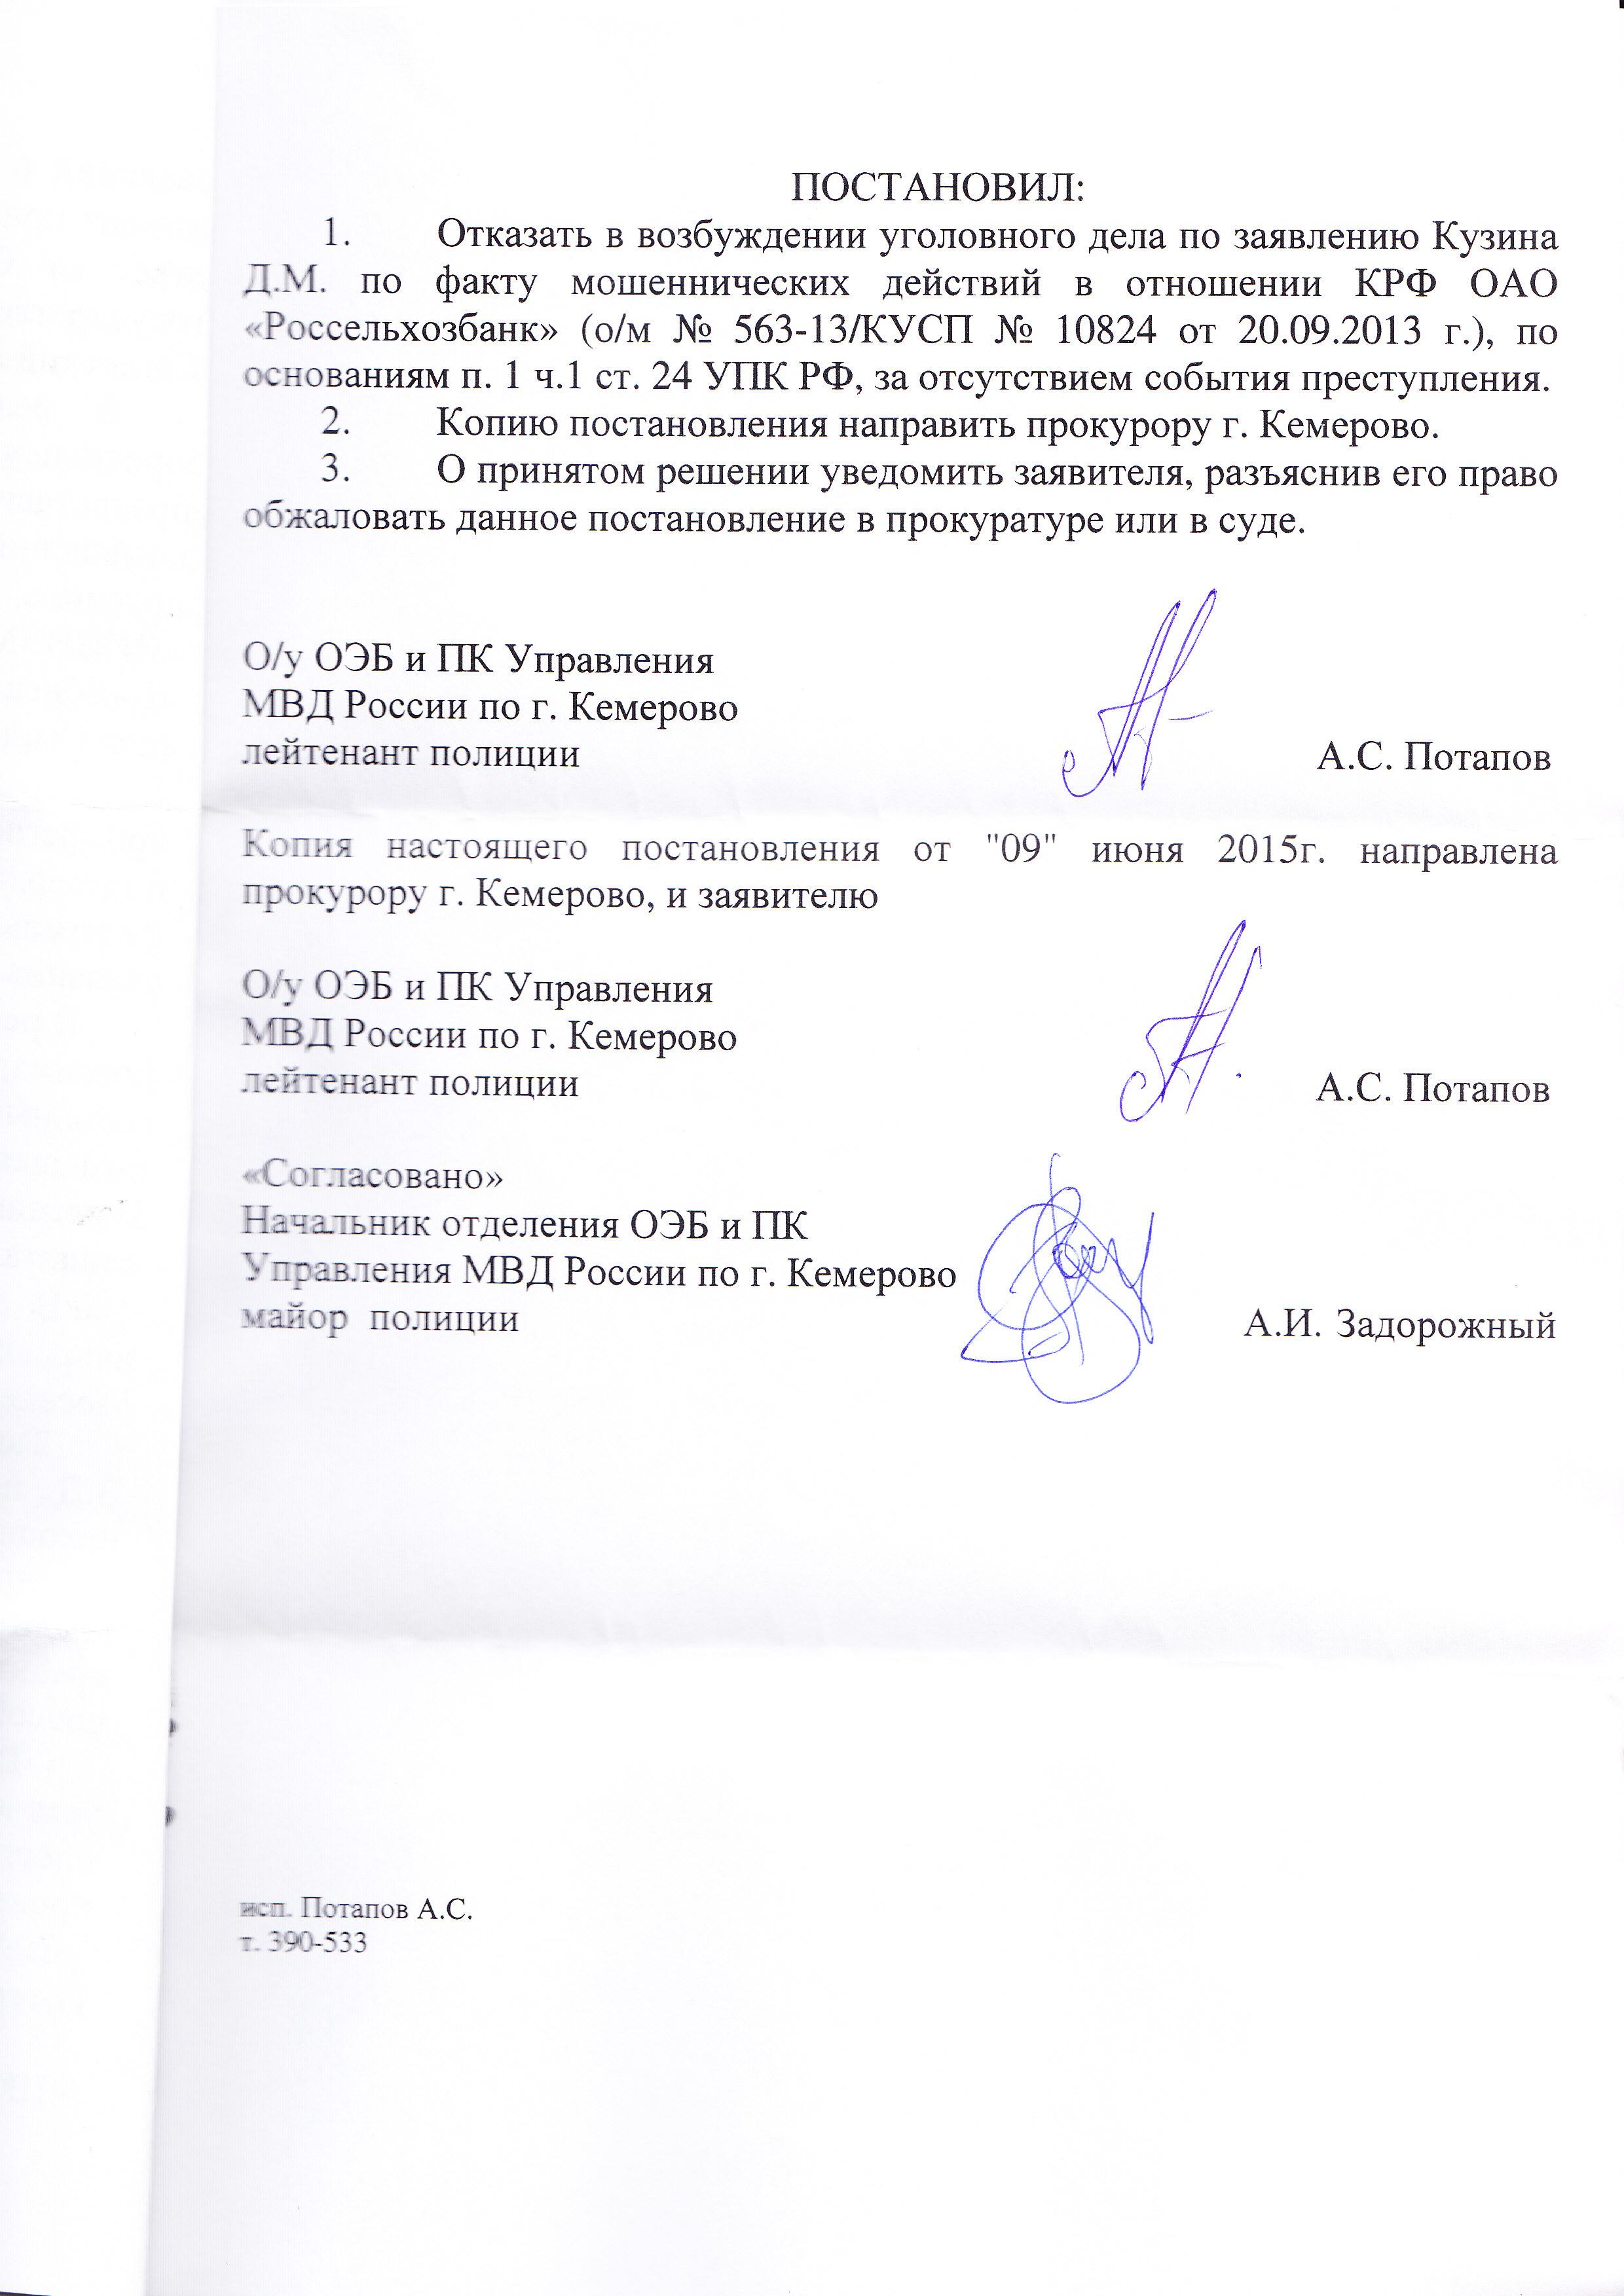 Постановление УВД Кемерова от 09 06 2015 - 3 с